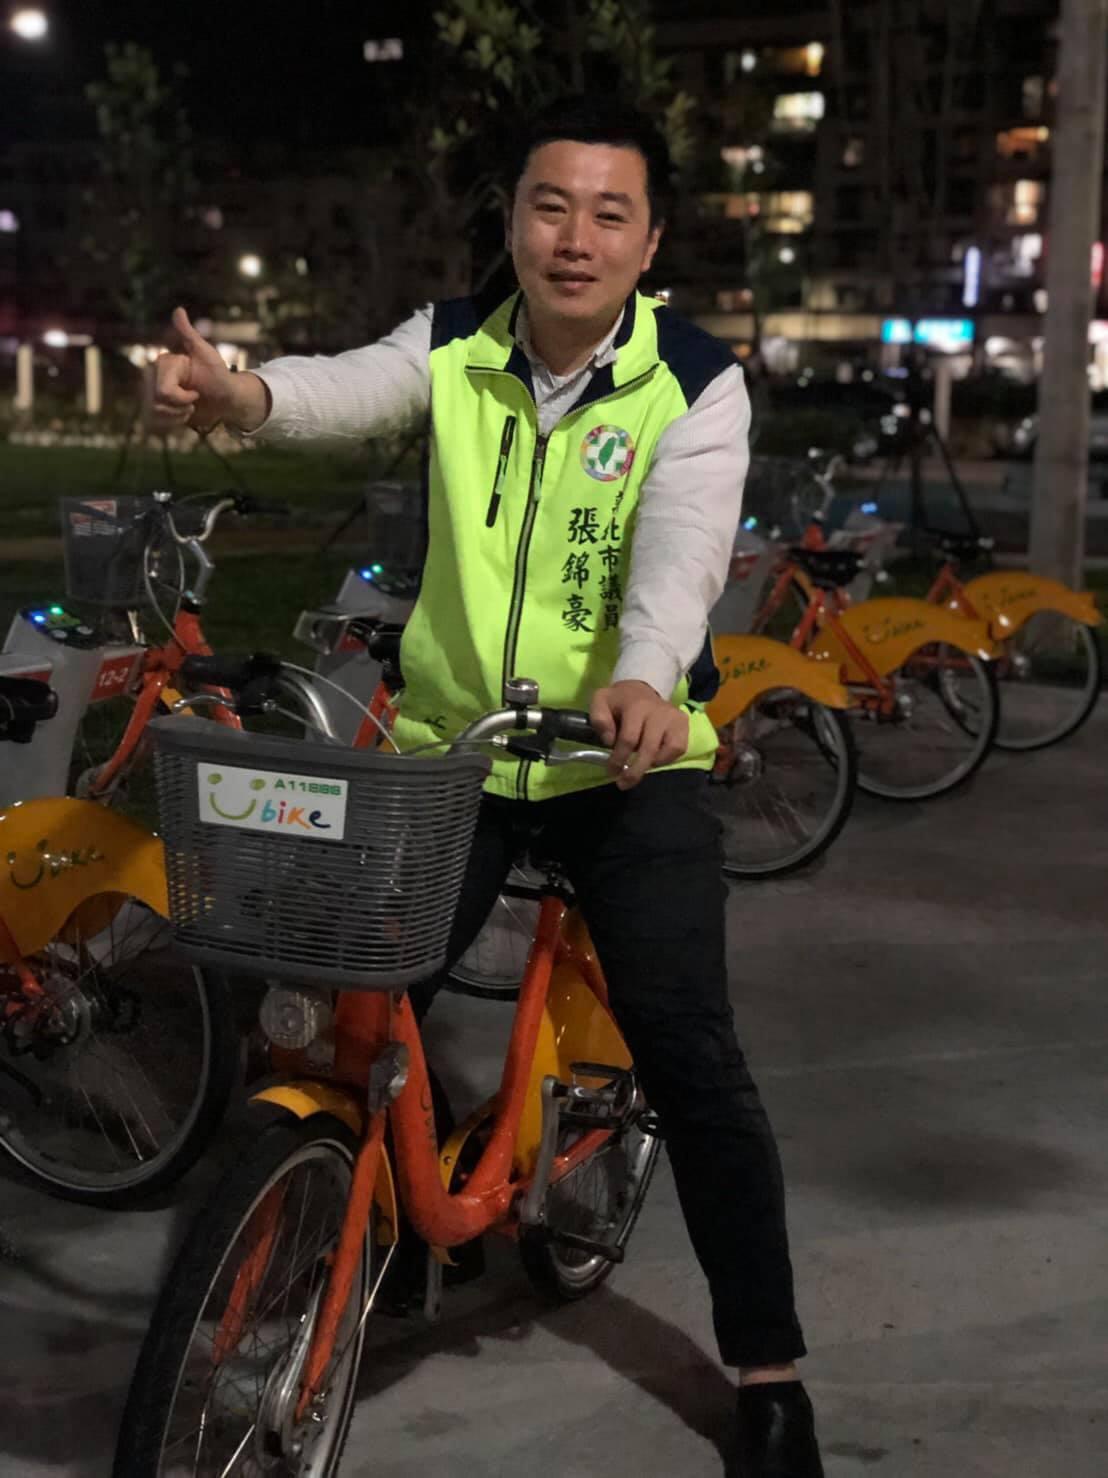 民生汐止線延宕多年,台北市長柯文哲說「等我有空」,並且坦承「遙遙無期」。新北市議...